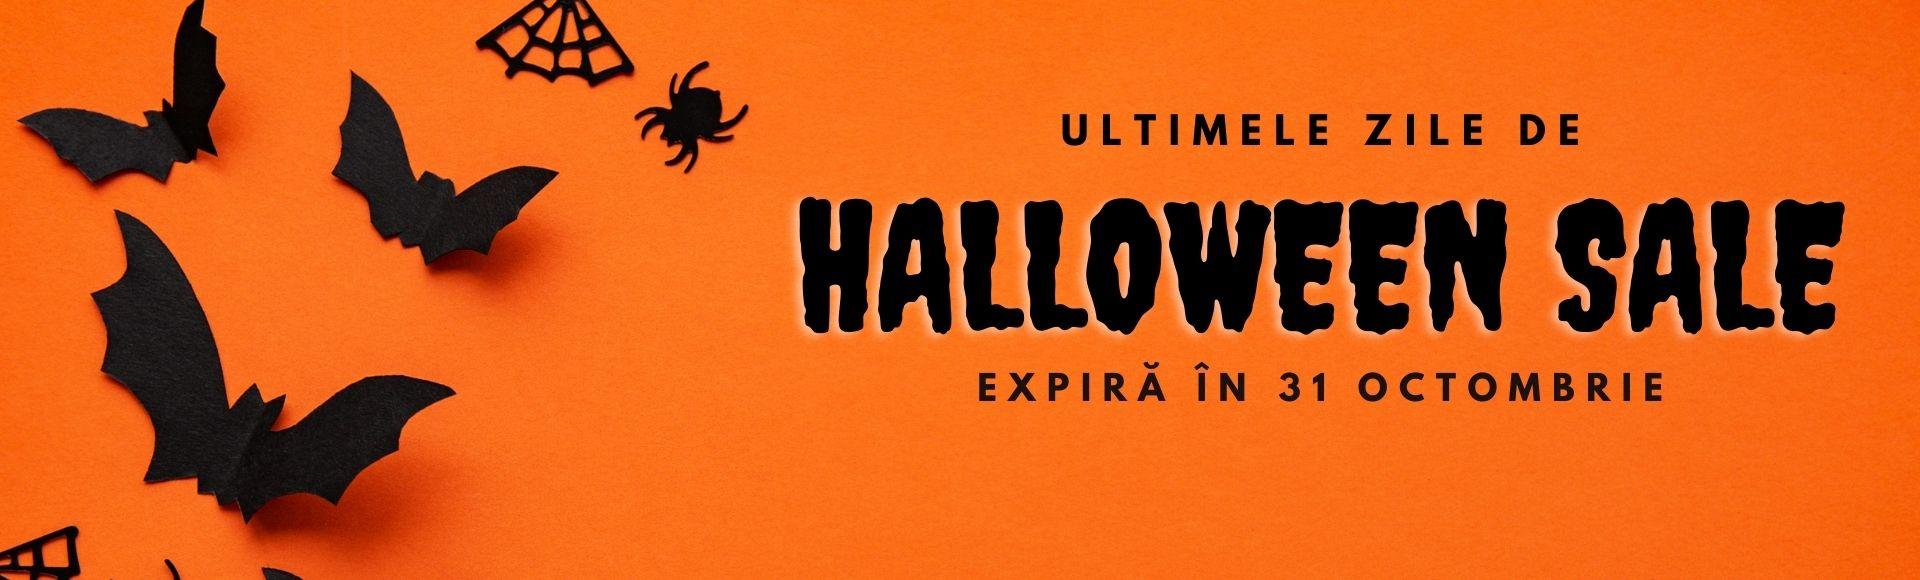 Halloween pagina de categorie